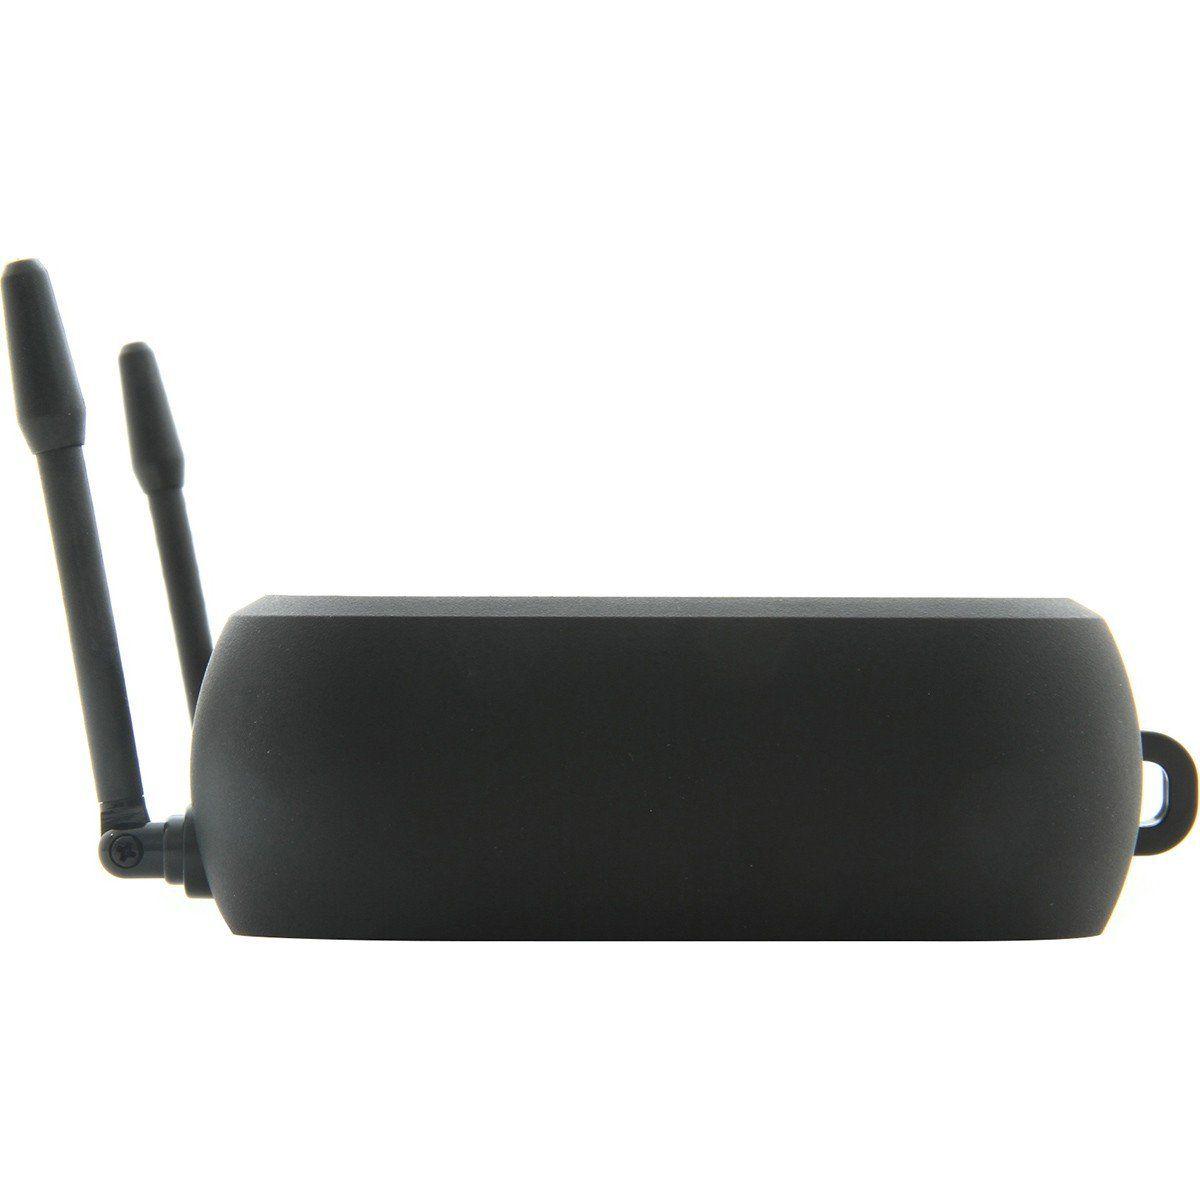 Shure PGXD14/93 Microfone Sem fio Shure PGXD14-93 para Apresentações e Palestras